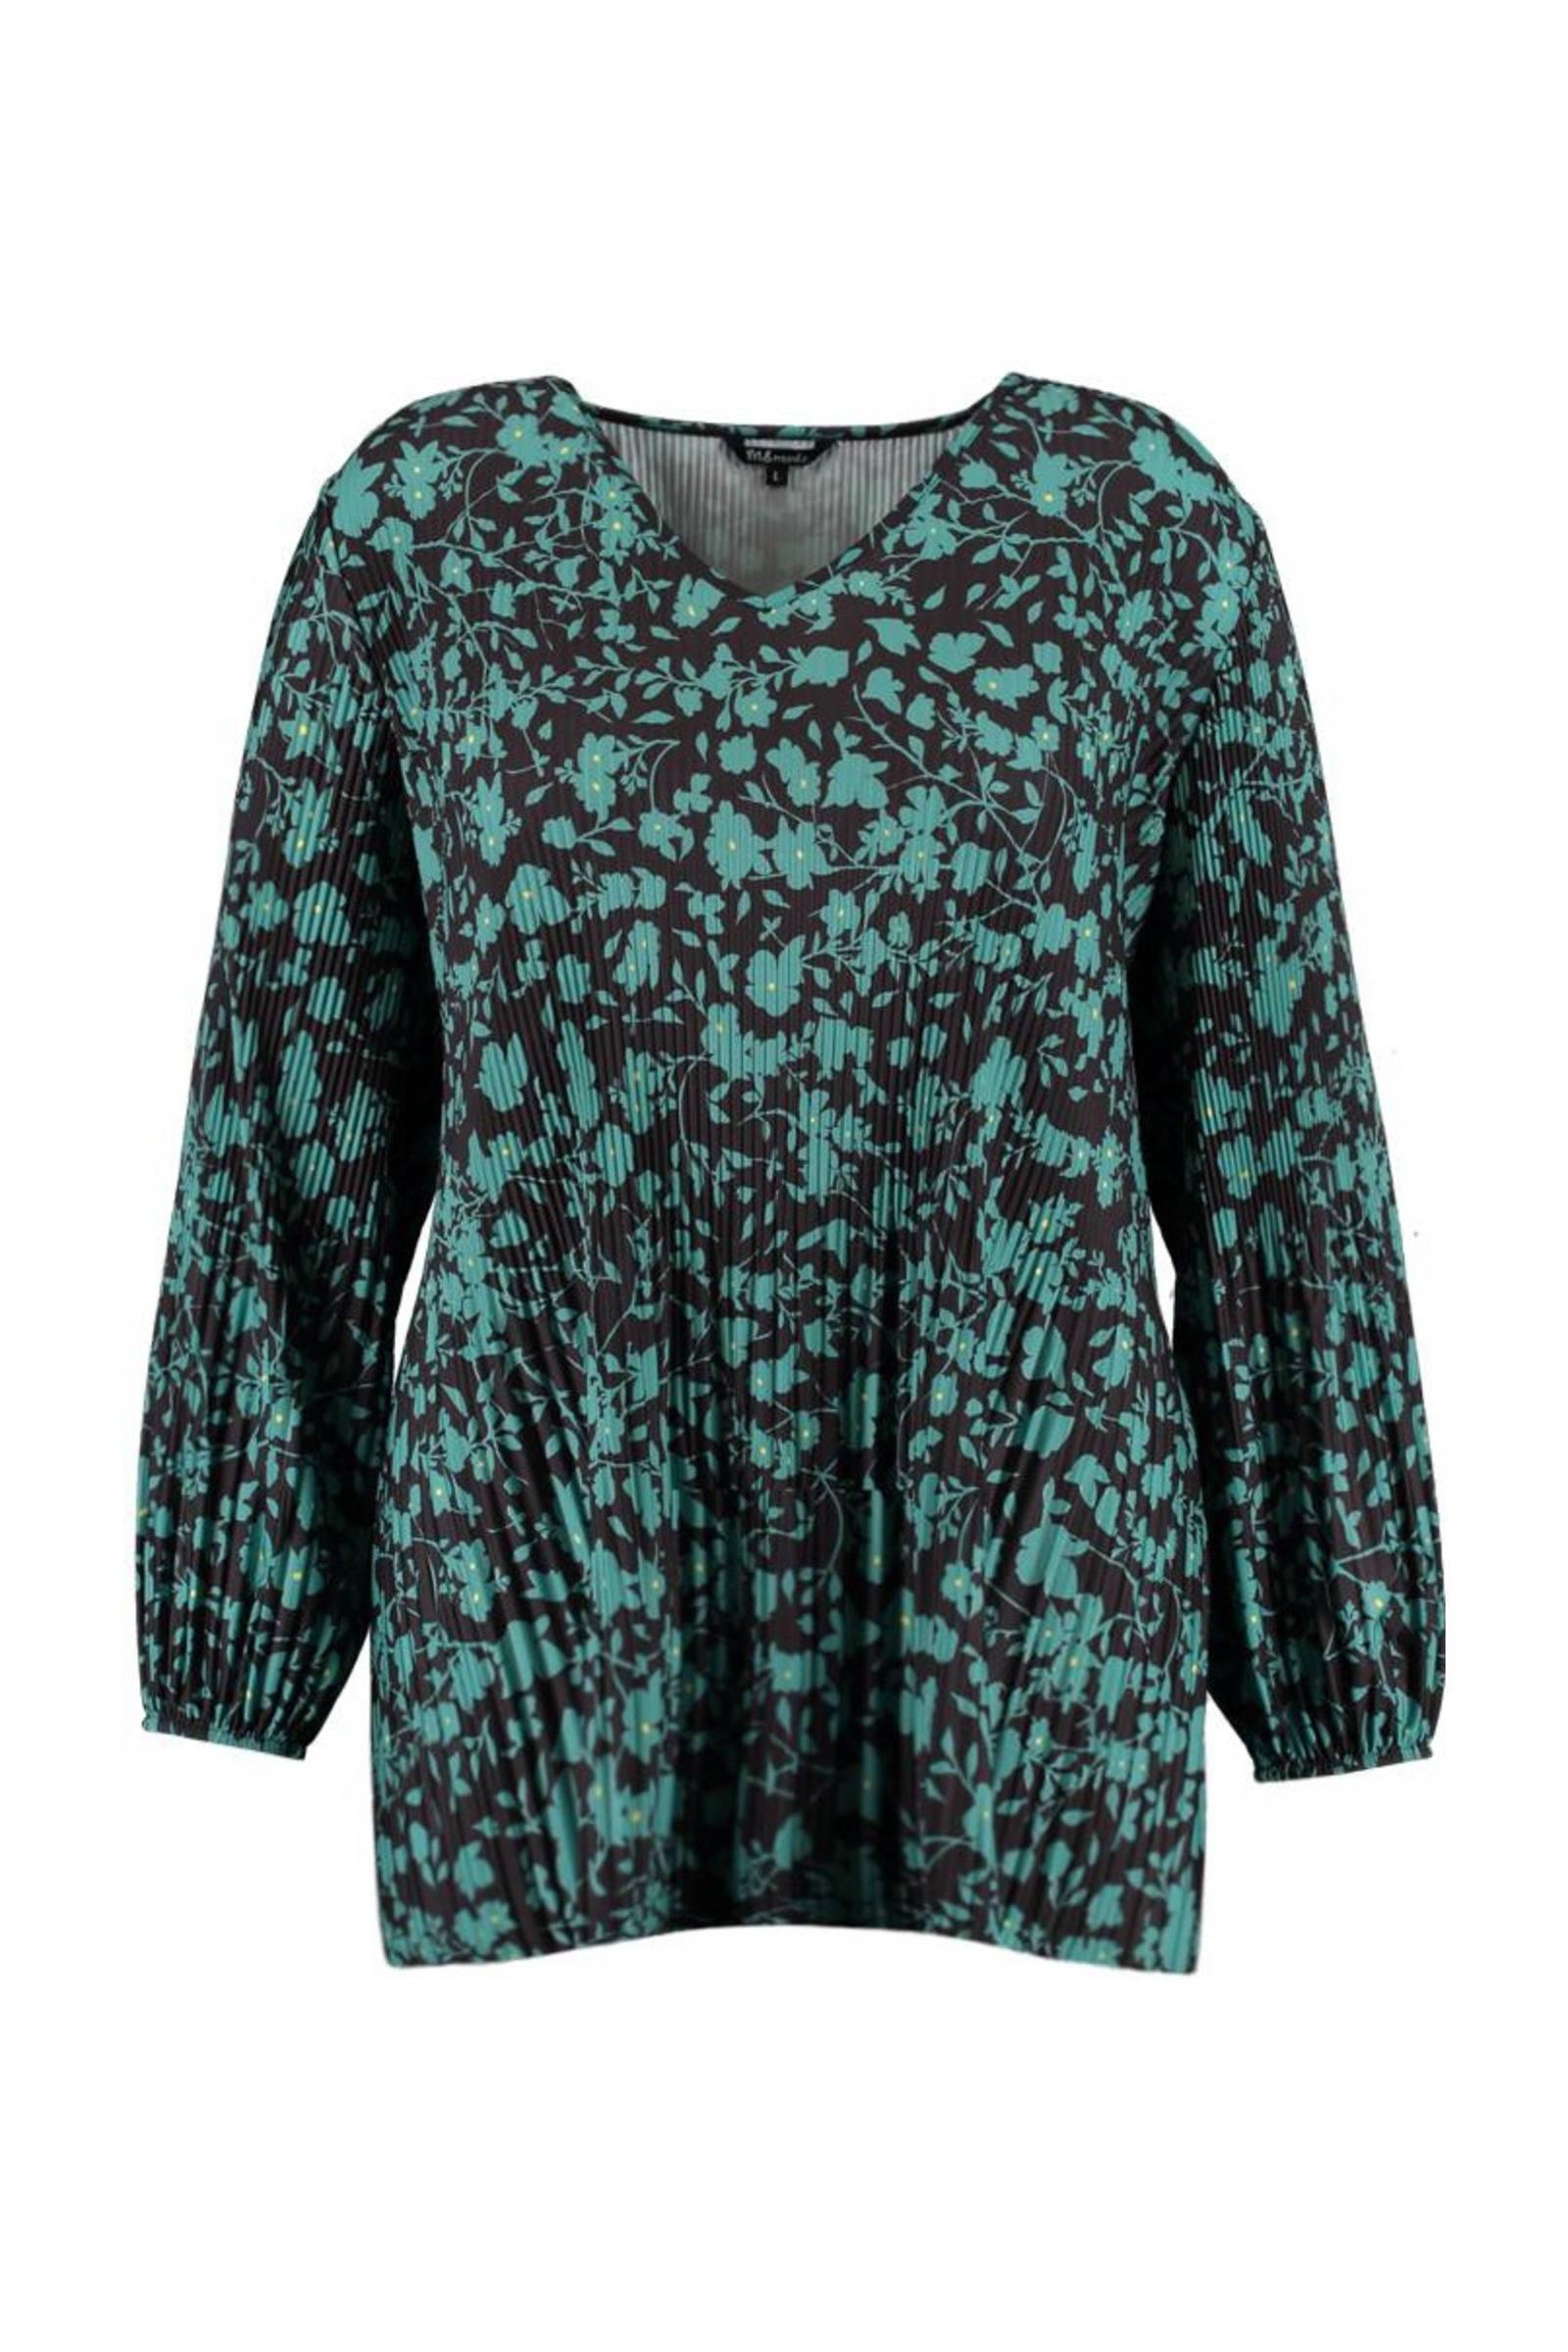 MS Mode trui met all over print zwartwit | wehkamp